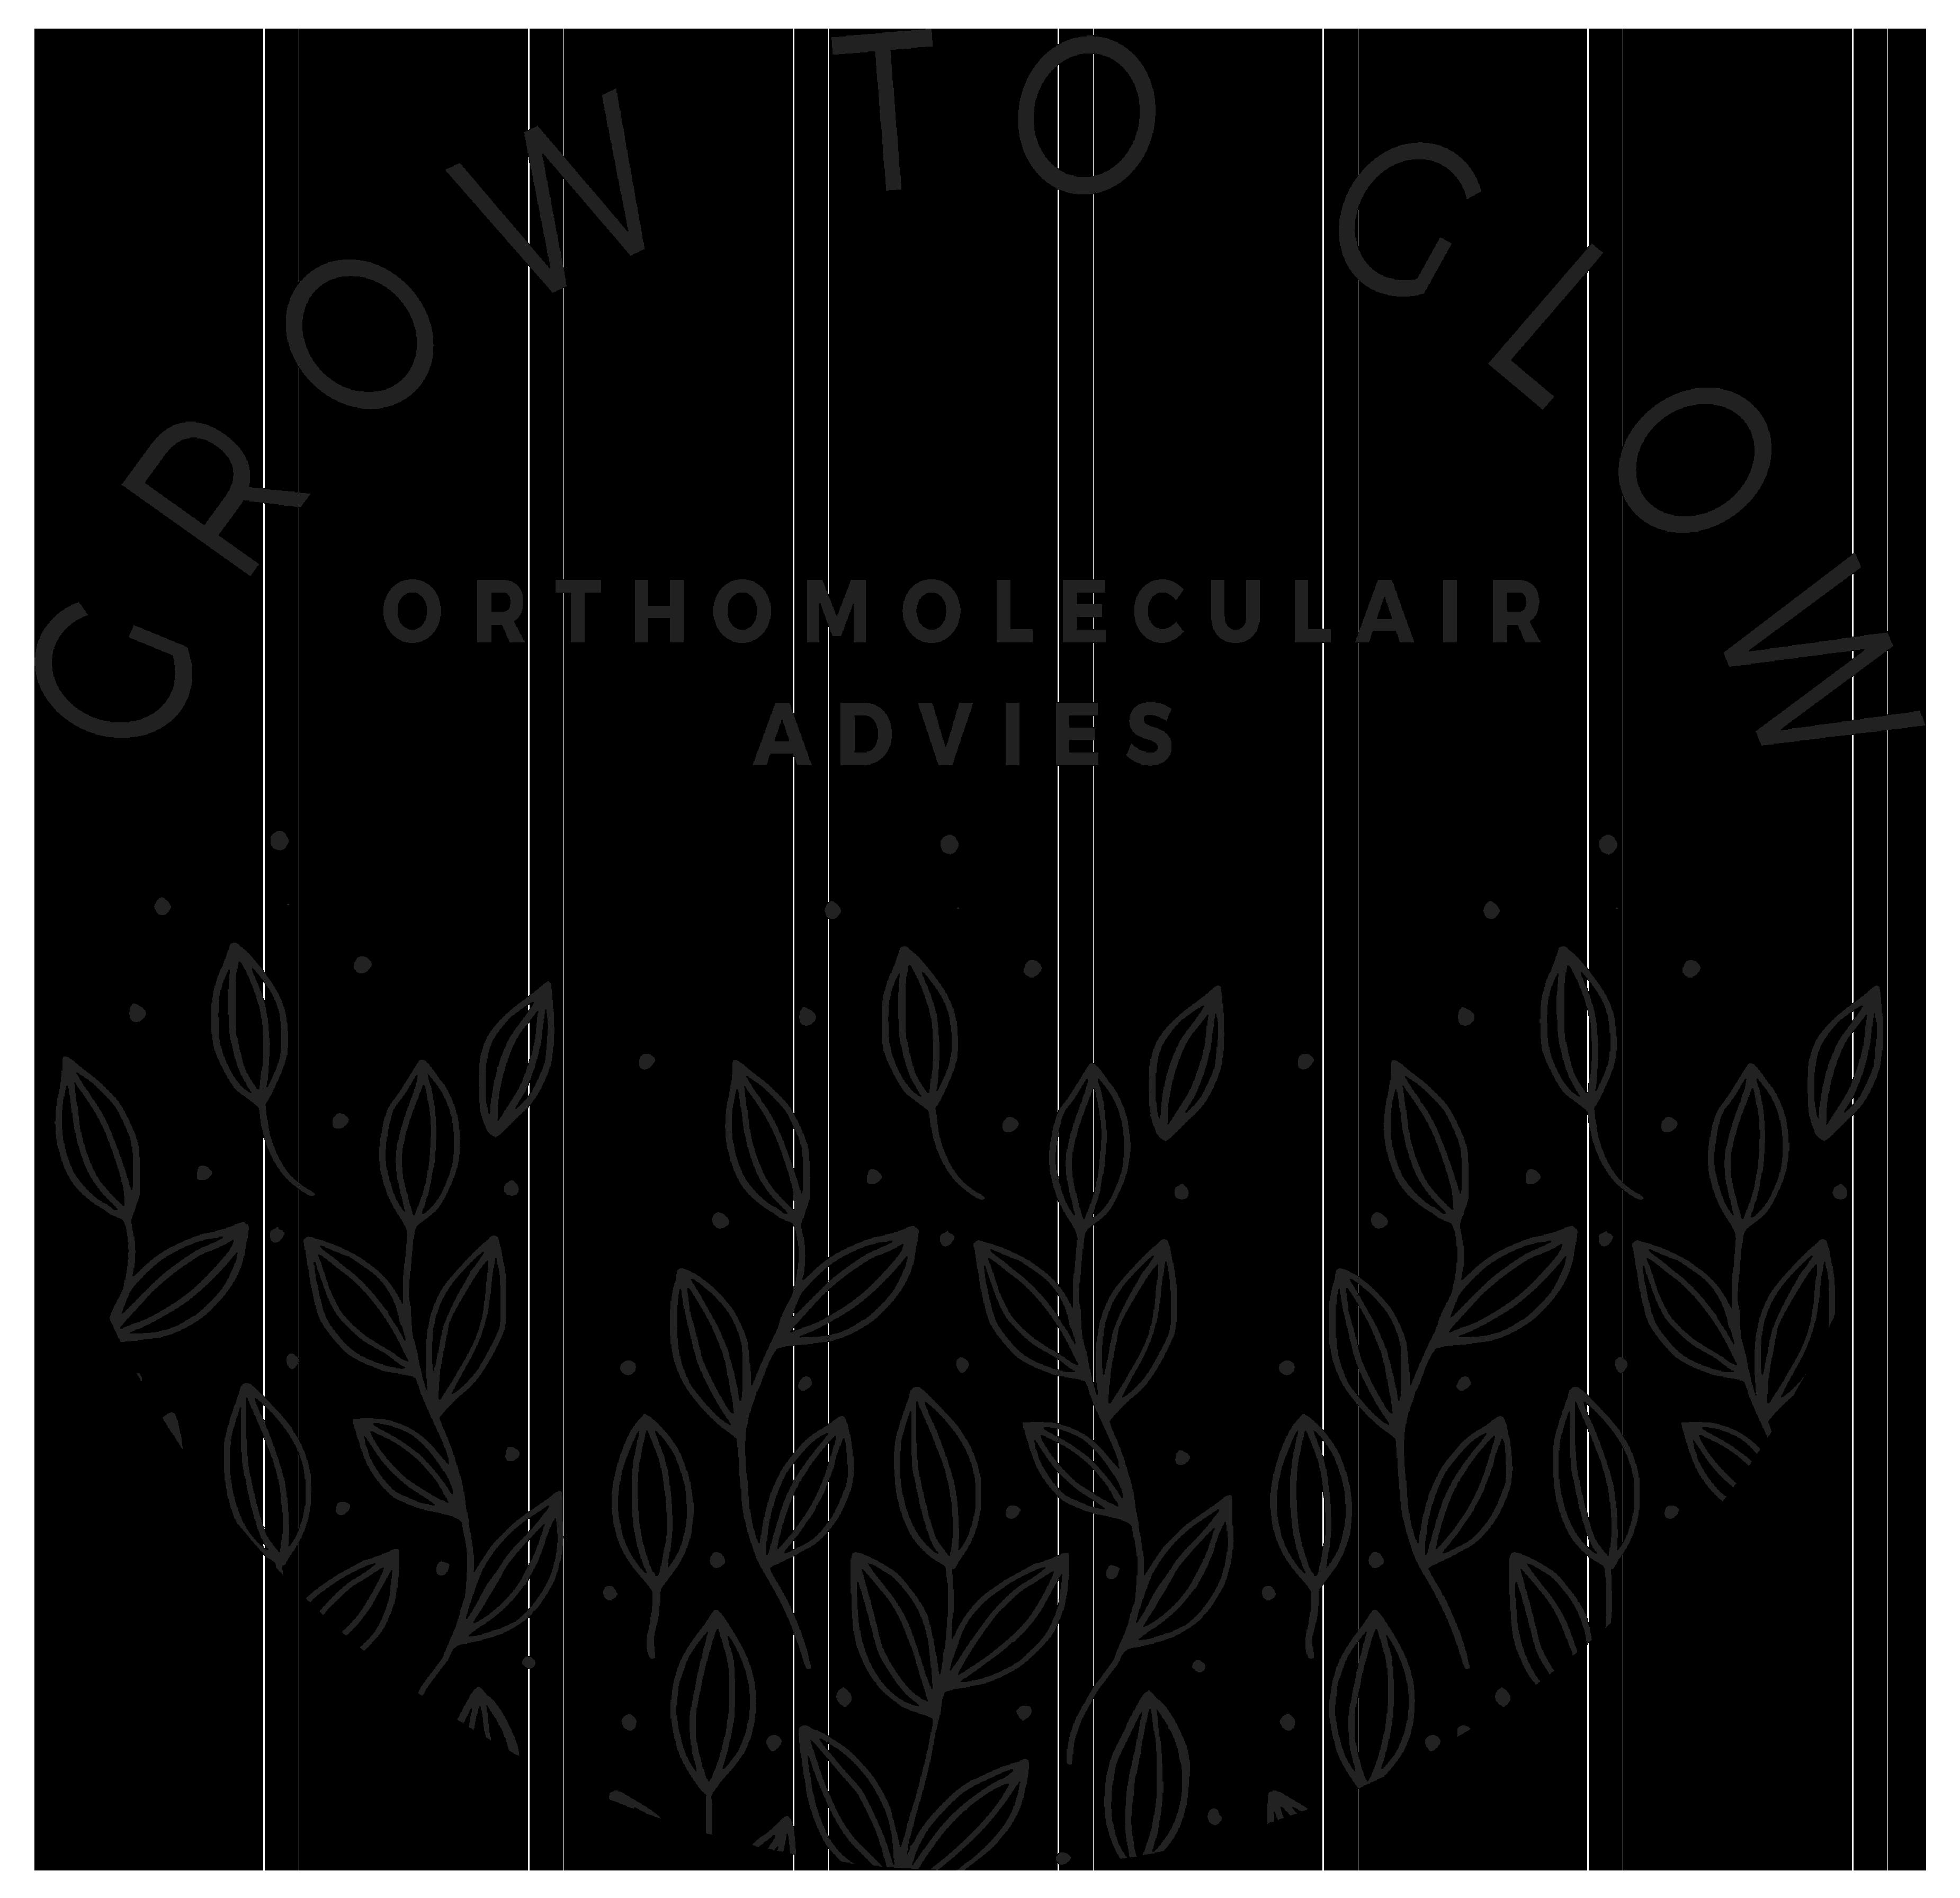 Orthomoleculair therapeut | Katwijk, Rijnsburg, Noordwijk